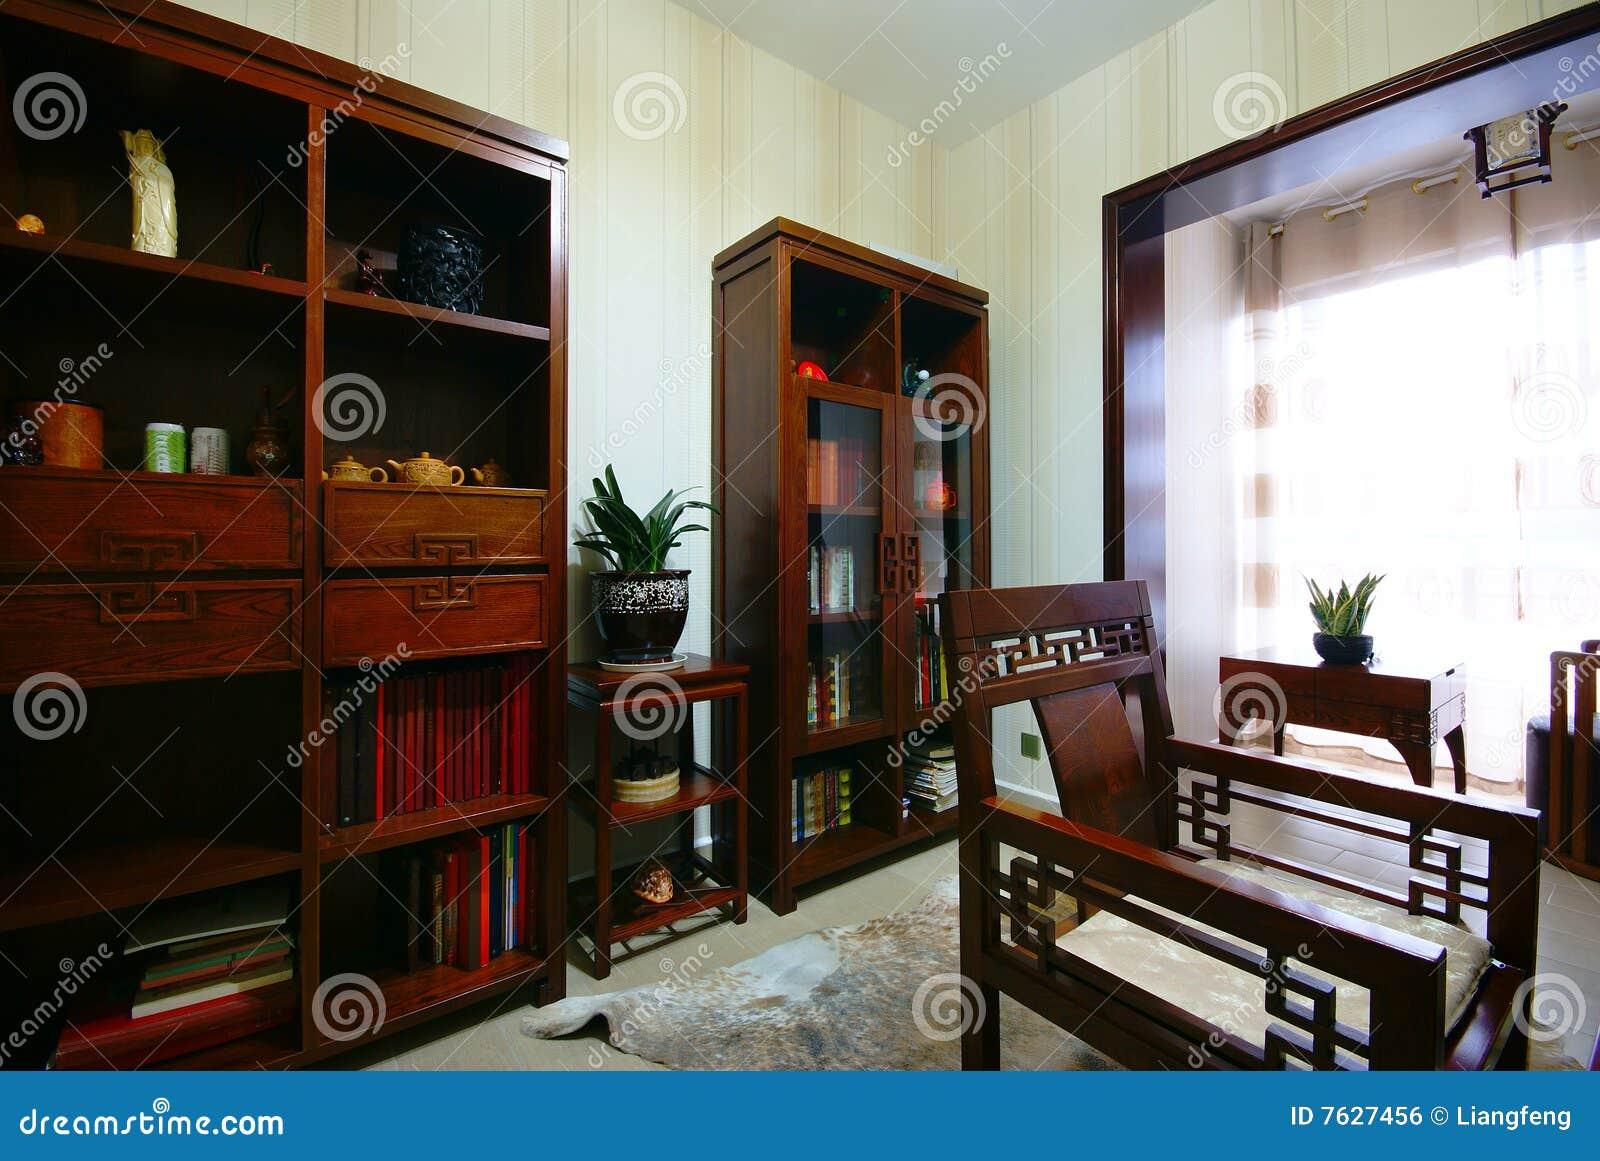 Mooie nieuwe huisdecoratie royalty vrije stock afbeelding beeld 7627456 - Afbeelding van huisdecoratie ...